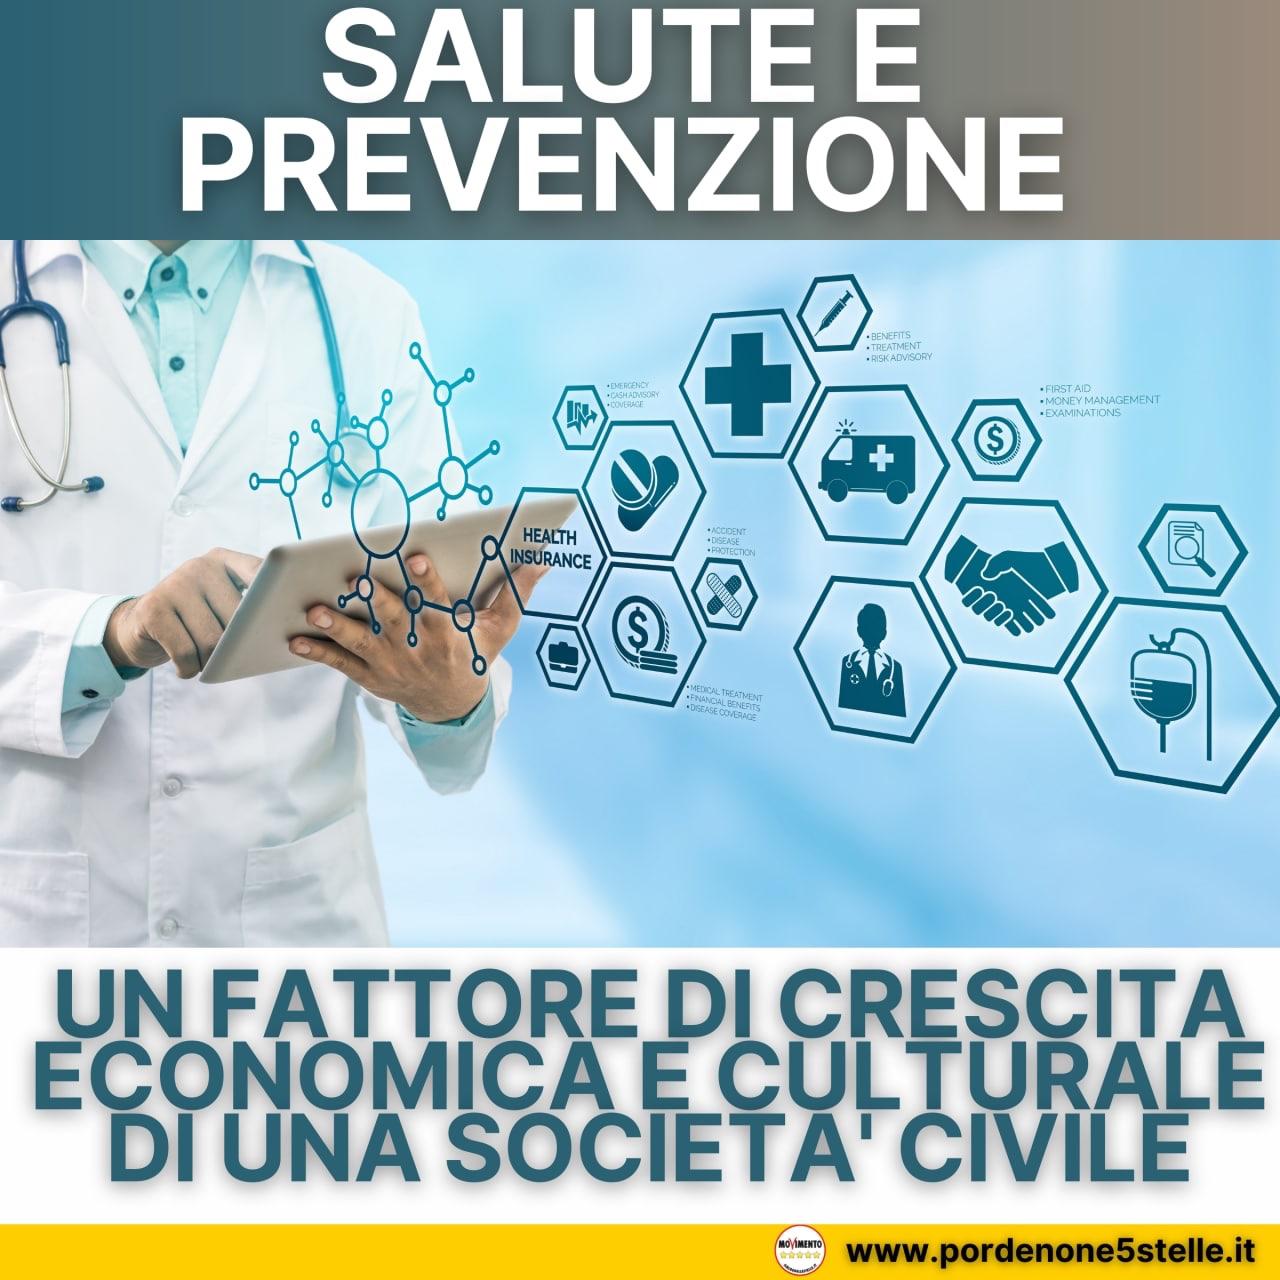 Read more about the article SALUTE E PREVENZIONE COME FATTORE DI CRESCITA ECONOMICA E CULTURALE DI UNA SOCIETA' CIVILE